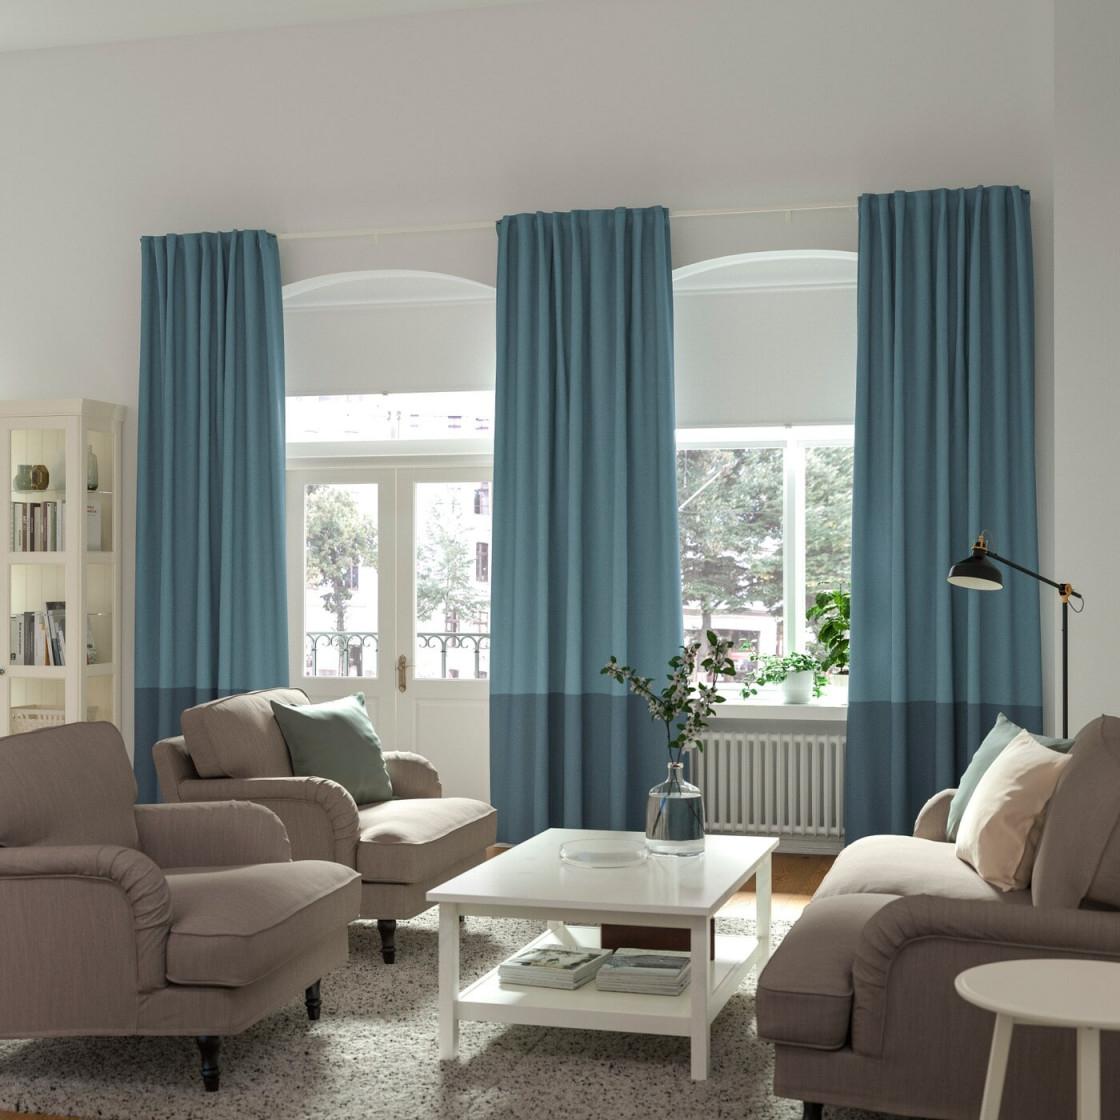 Gardinenideen Inspirationen Für Dein Zuhause  Ikea von Vorhänge Wohnzimmer Ideen Photo